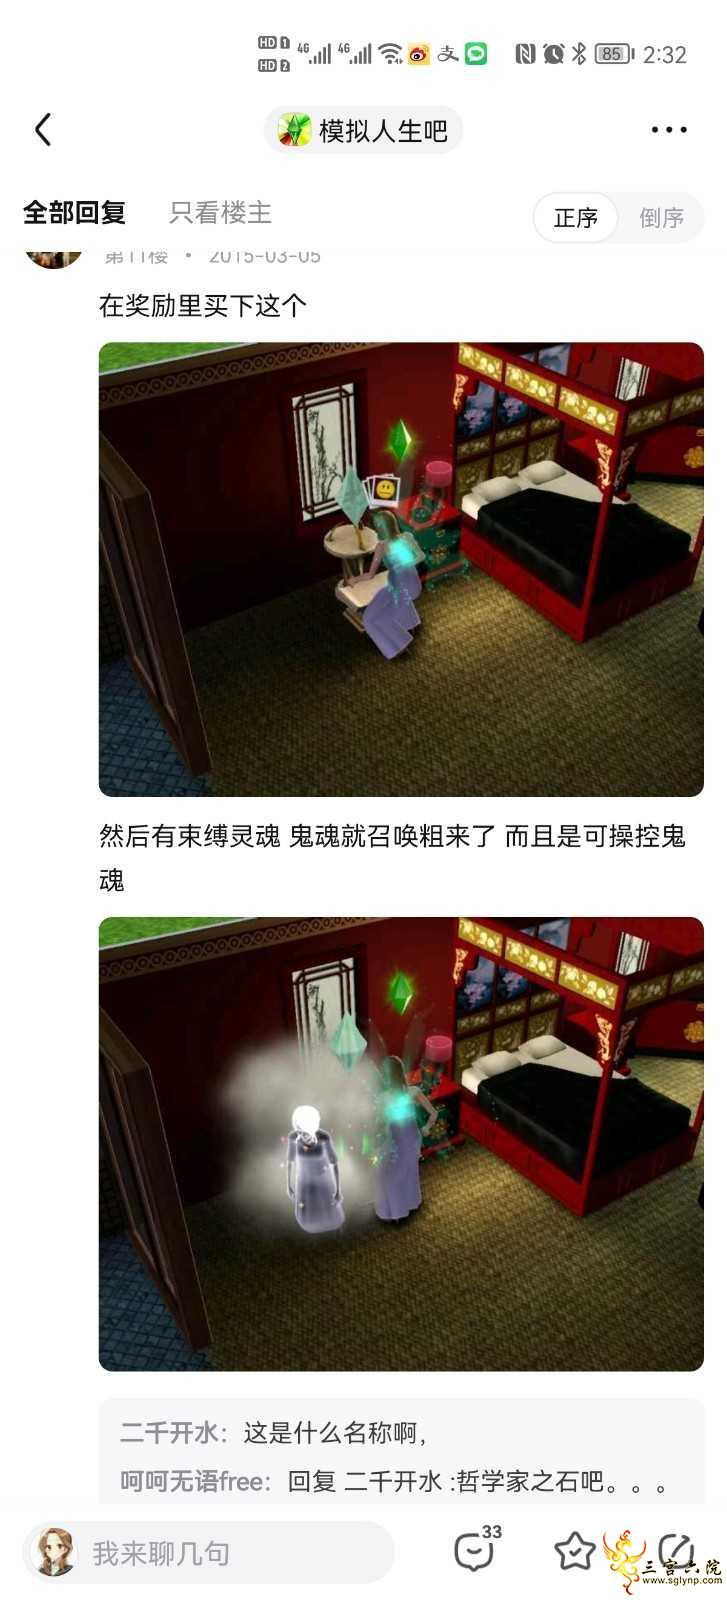 Screenshot_20210825_023259_com.baidu.tieba.jpg